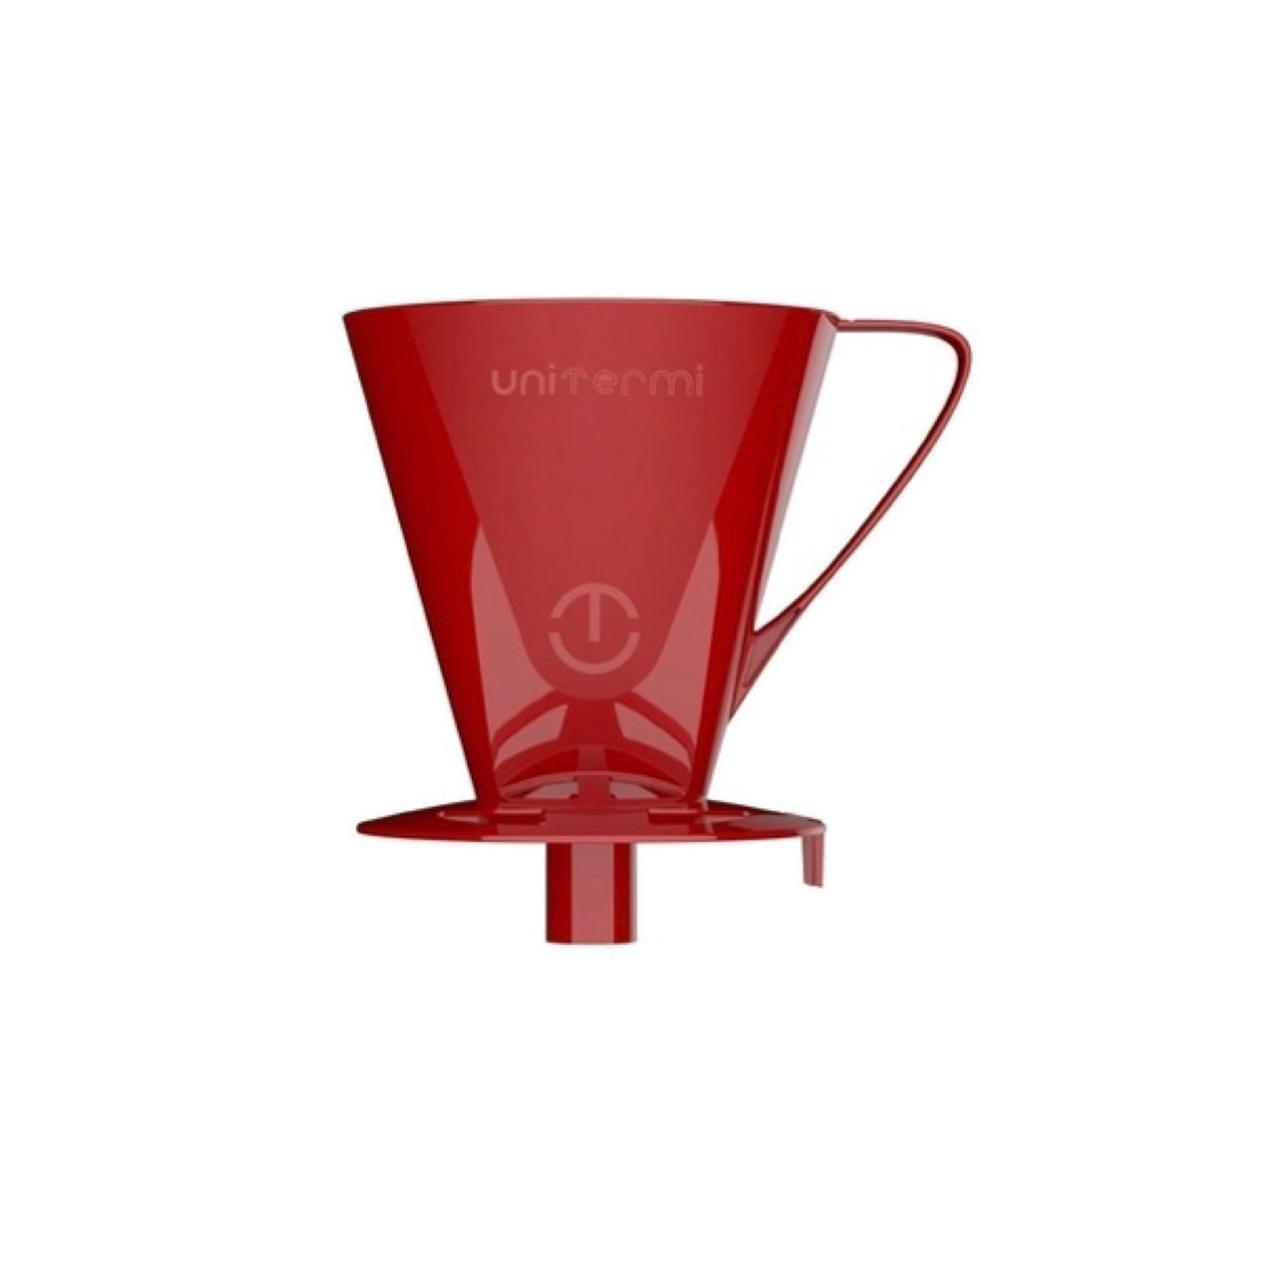 Kit Prático Café Garrafa Açucareiro Suporte Filtro Unitermi